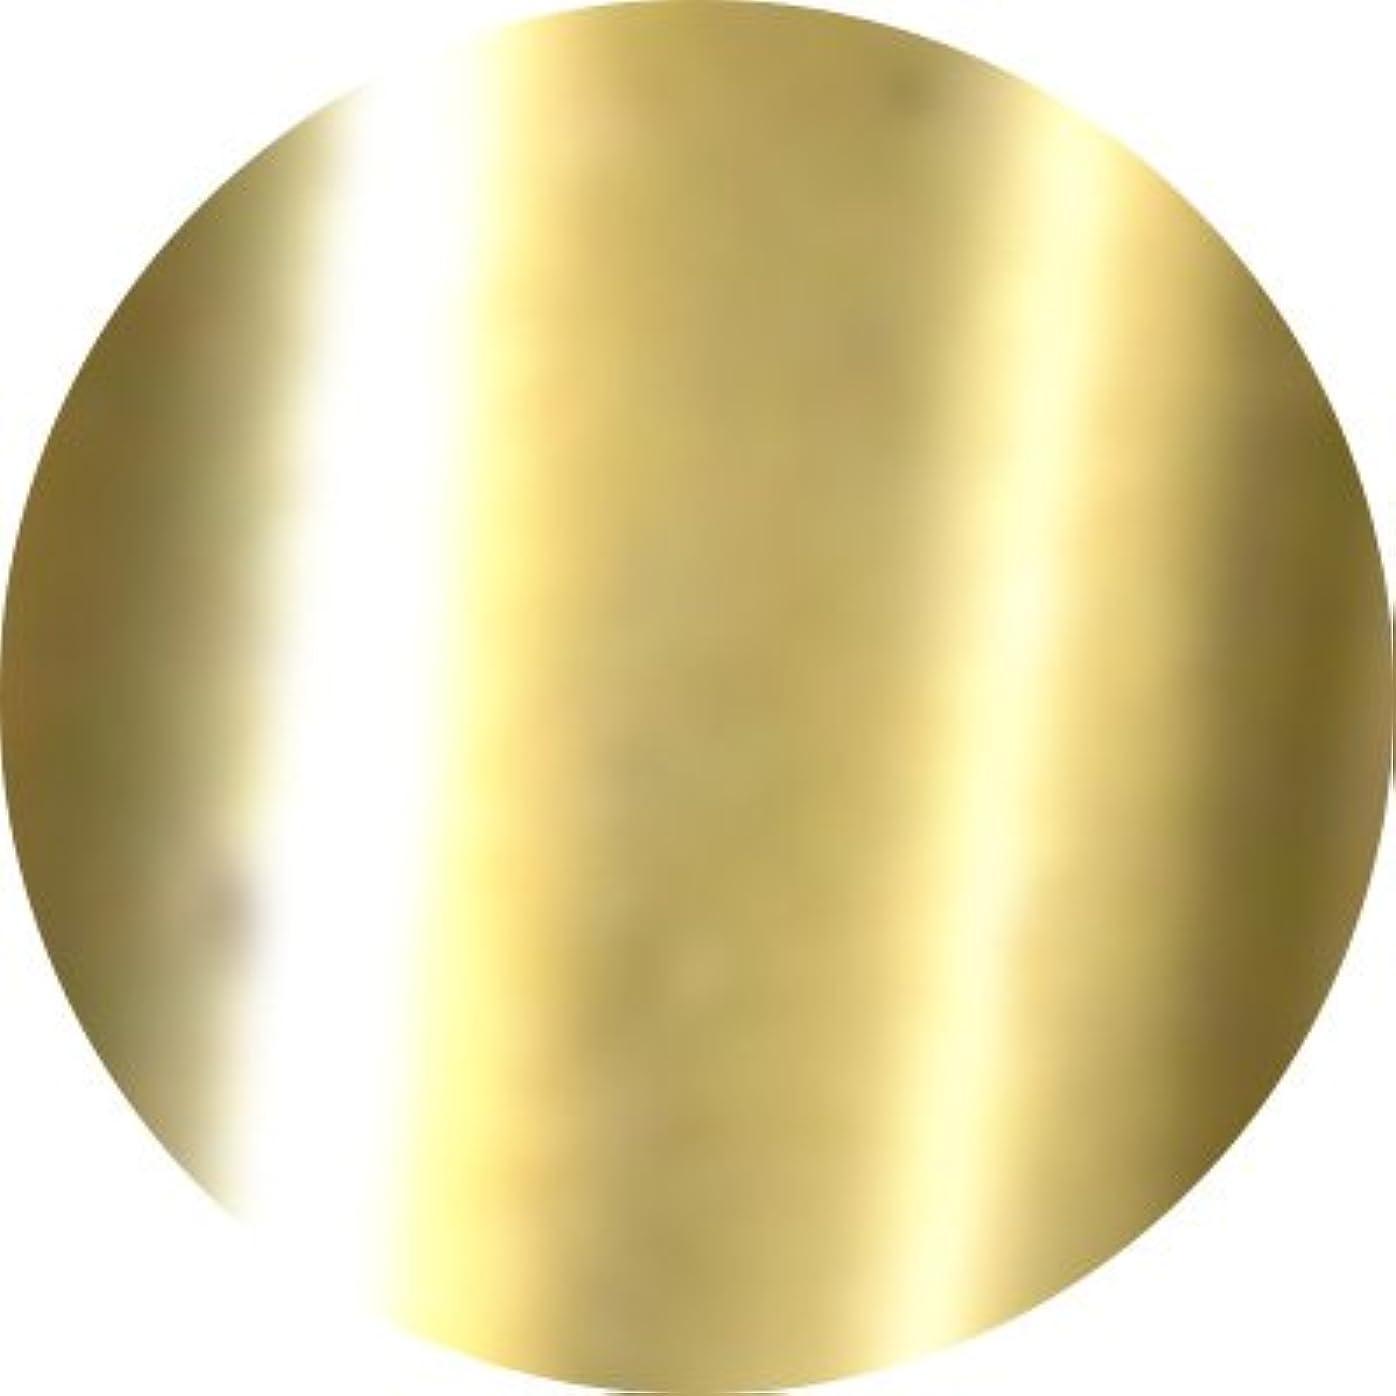 戸口本部節約するJewelry jel(ジュエリージェル) カラージェル 5ml<BR>メタリック MT004